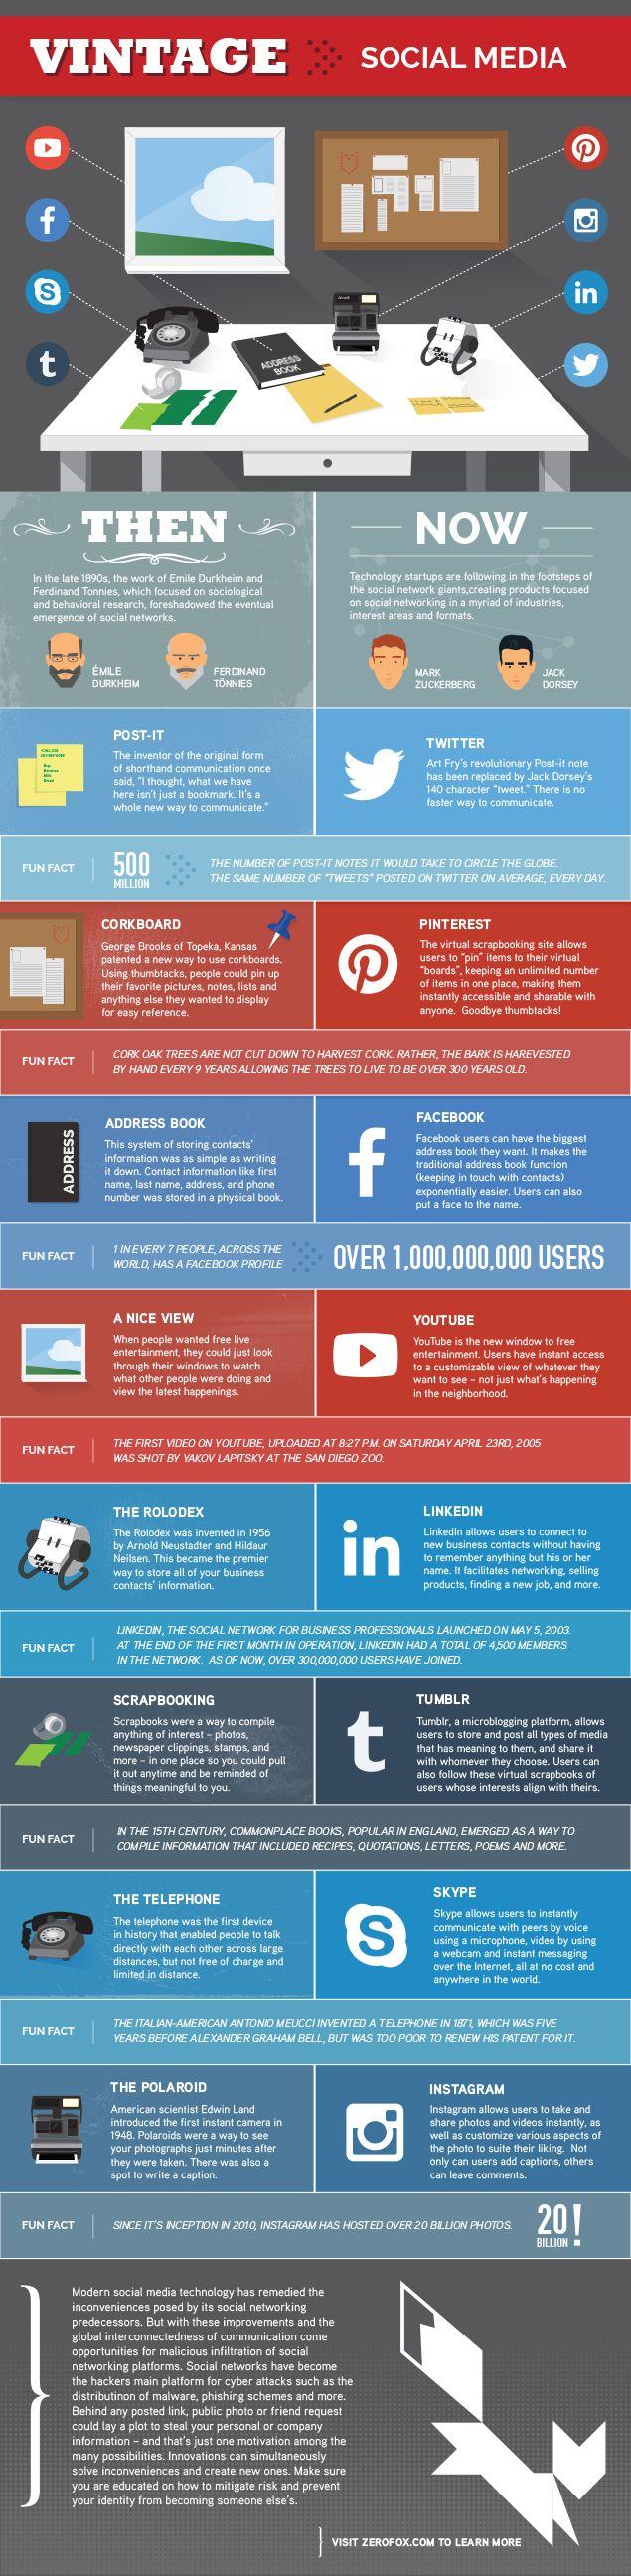 redes sociales antes y ahora